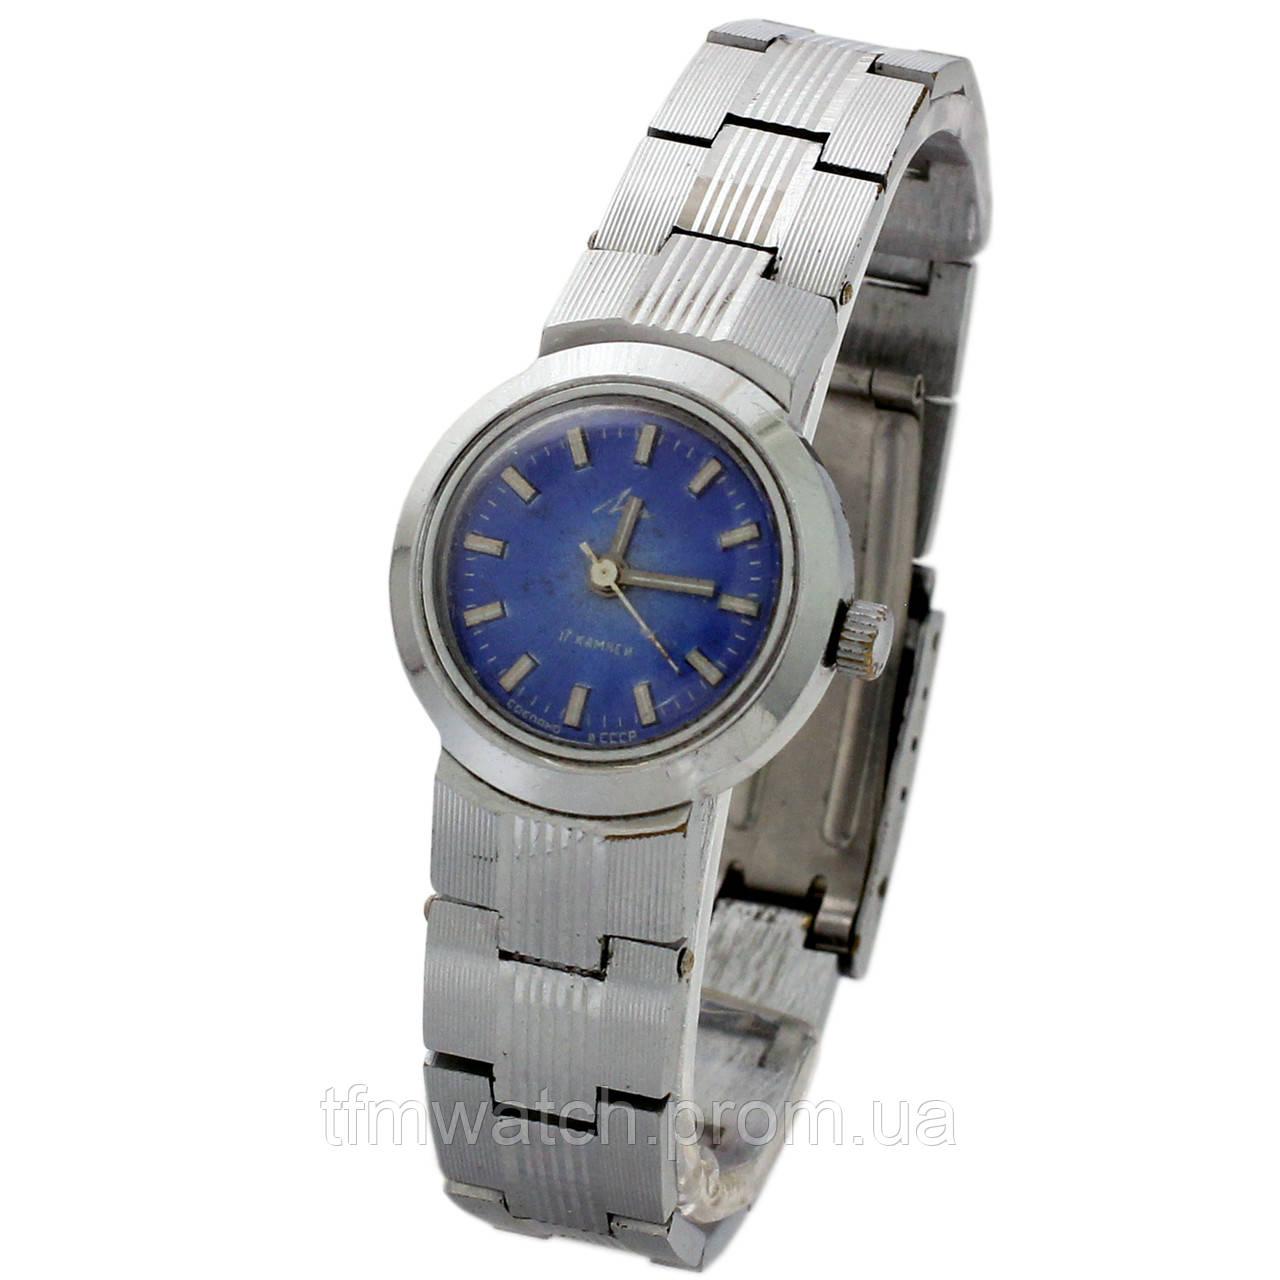 Камней 17 продать луч ссср часы ломбард магазин часовой